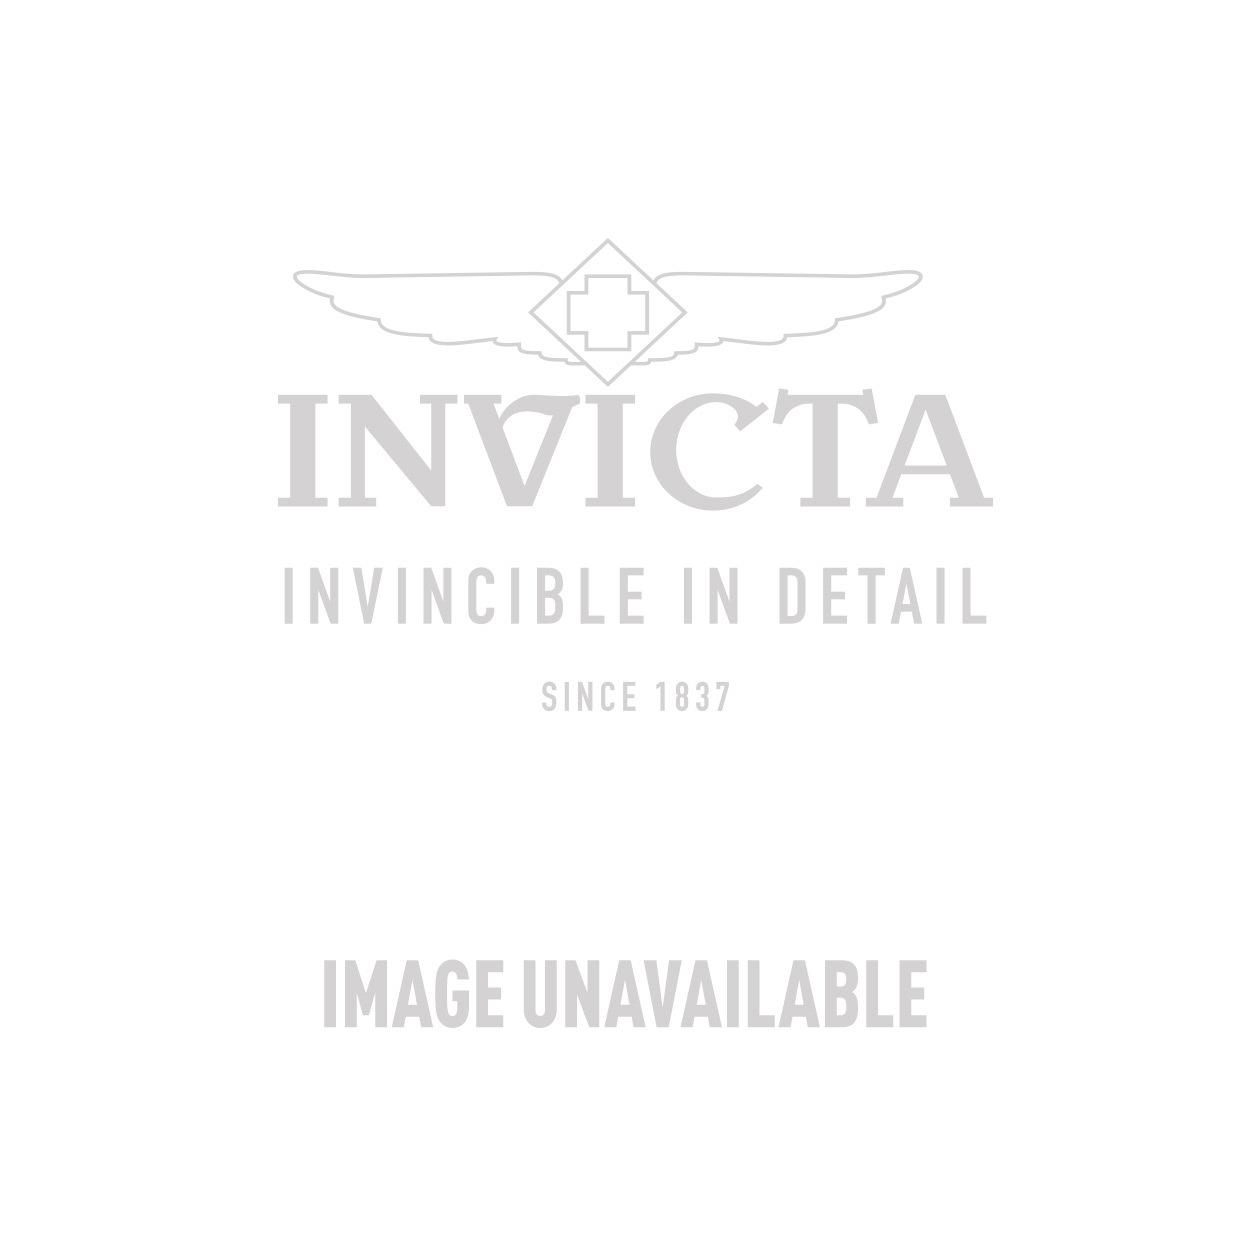 Invicta Model  25911